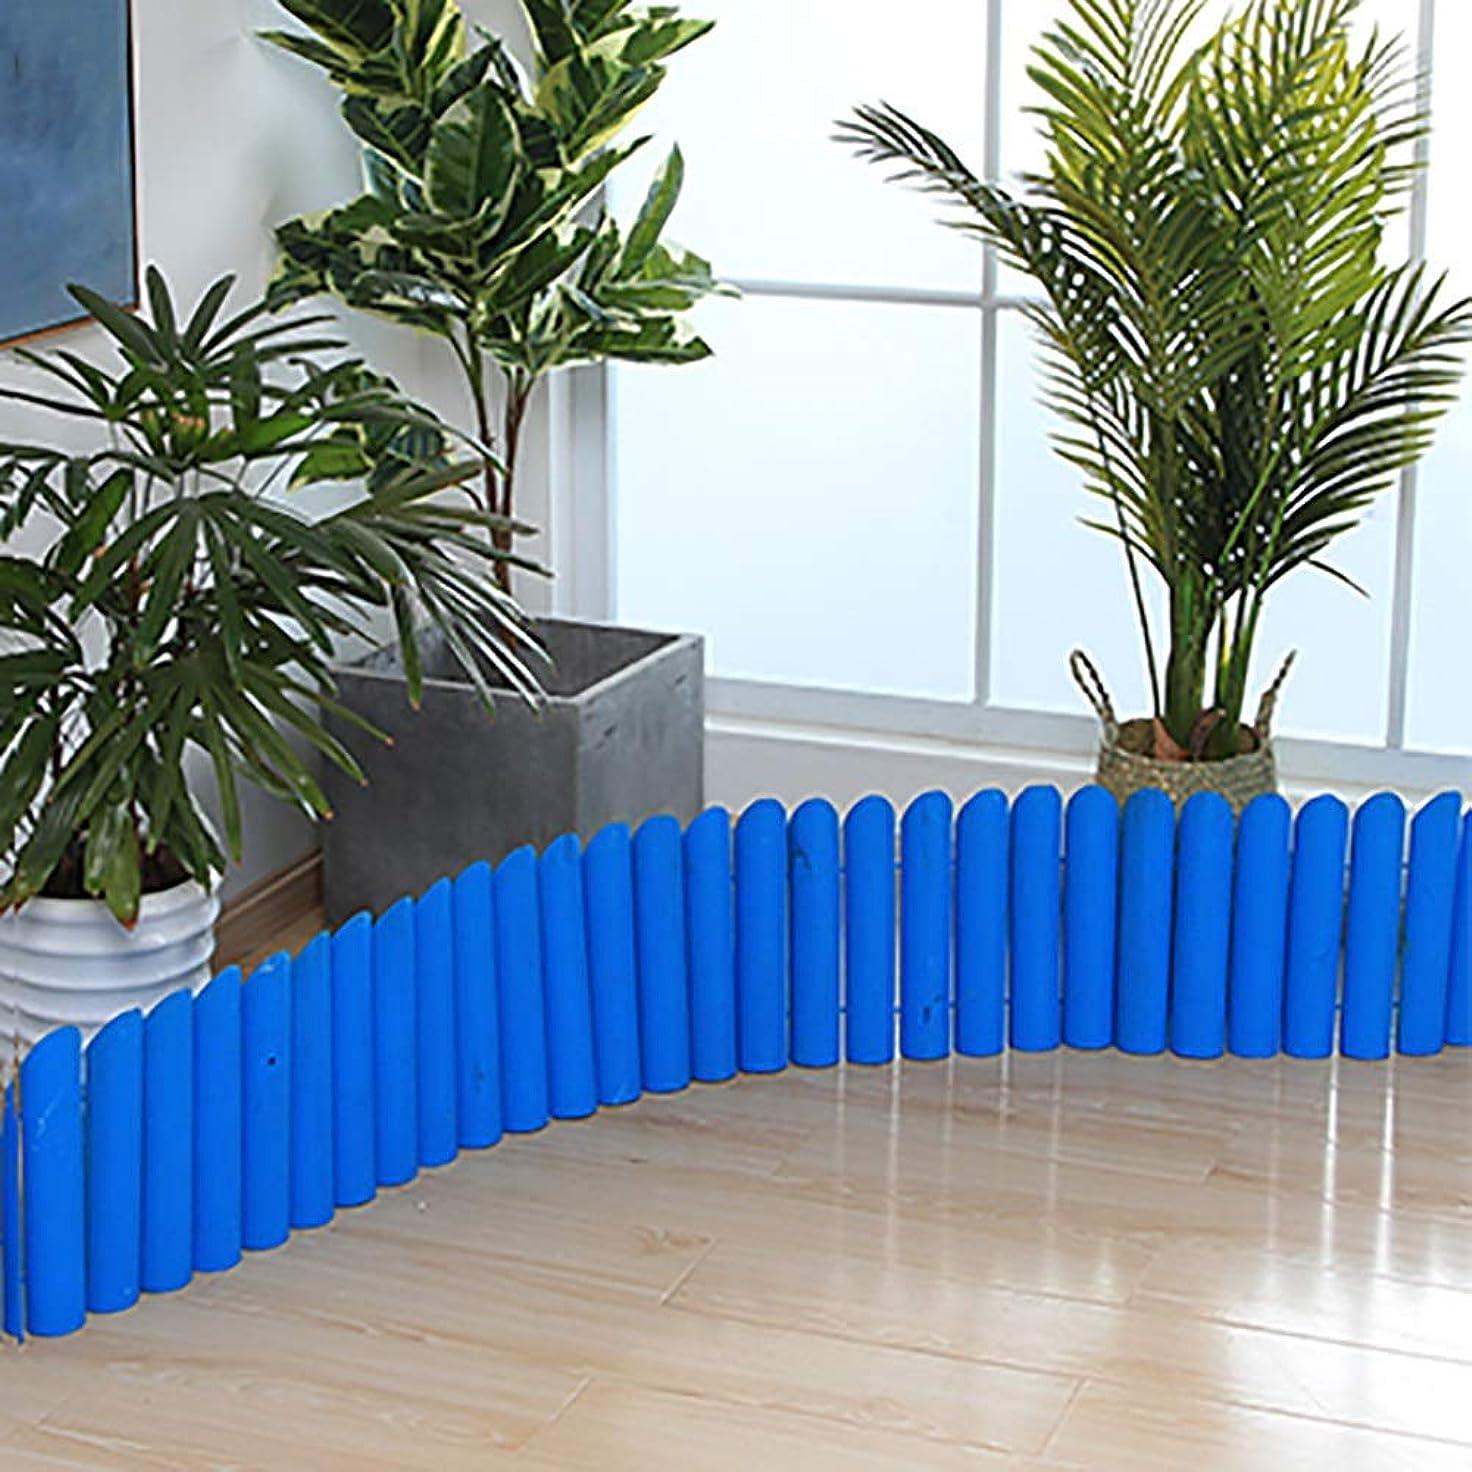 ファイバスキャン提供するSUBBYE インスタントフェンス、木製ピケットフェンス、自立型スクリーンフェンス、屋内パティオカントリーコーナーピケットガーデンクリエーションフェンス、青、4サイズ (Color : 120×40cm)